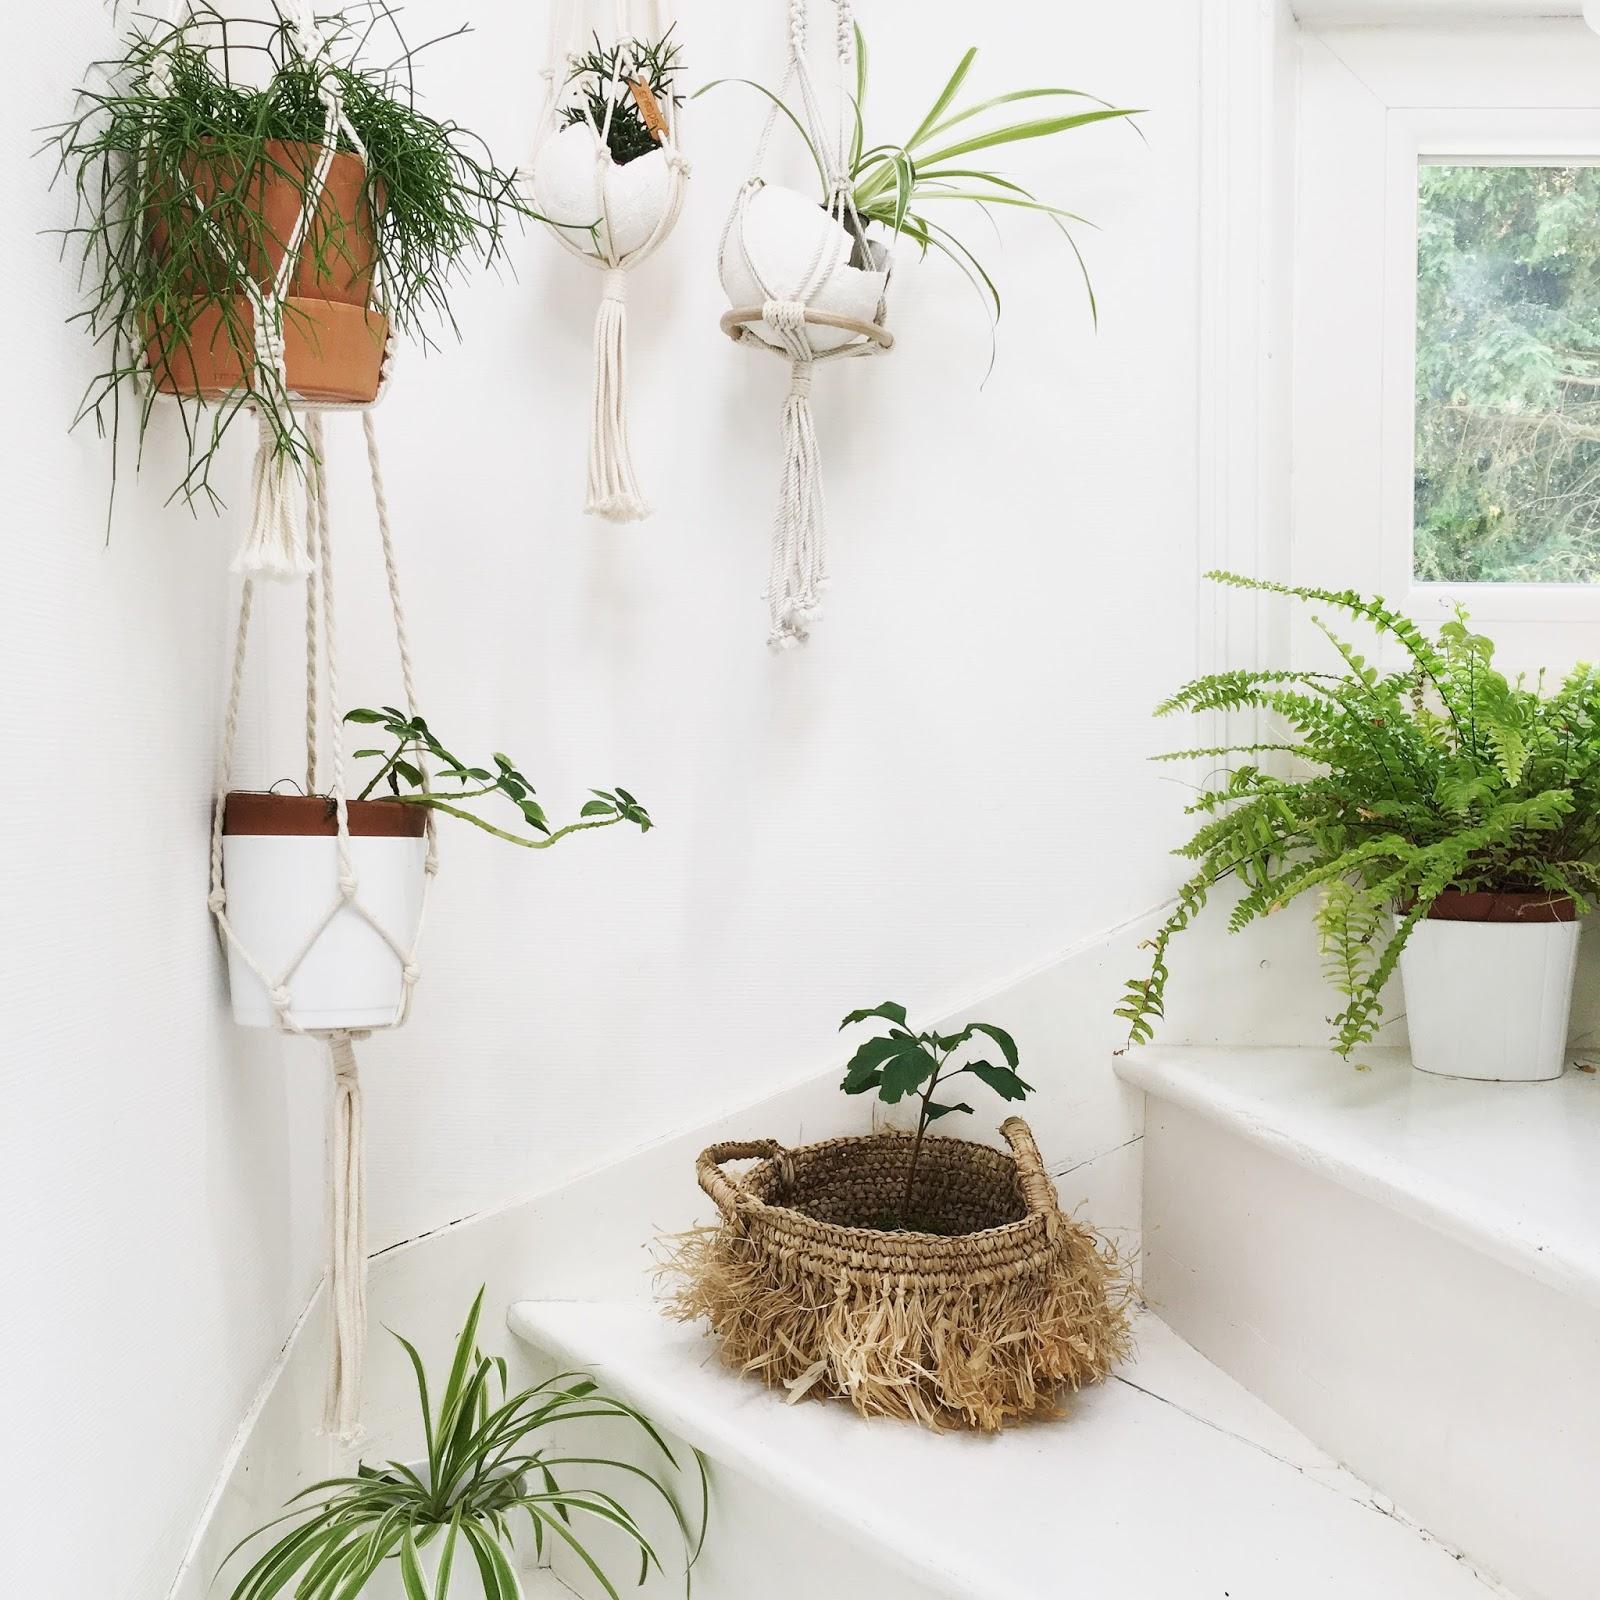 Atelier rue verte le blog collectif project inside - Puceron blanc plante verte ...